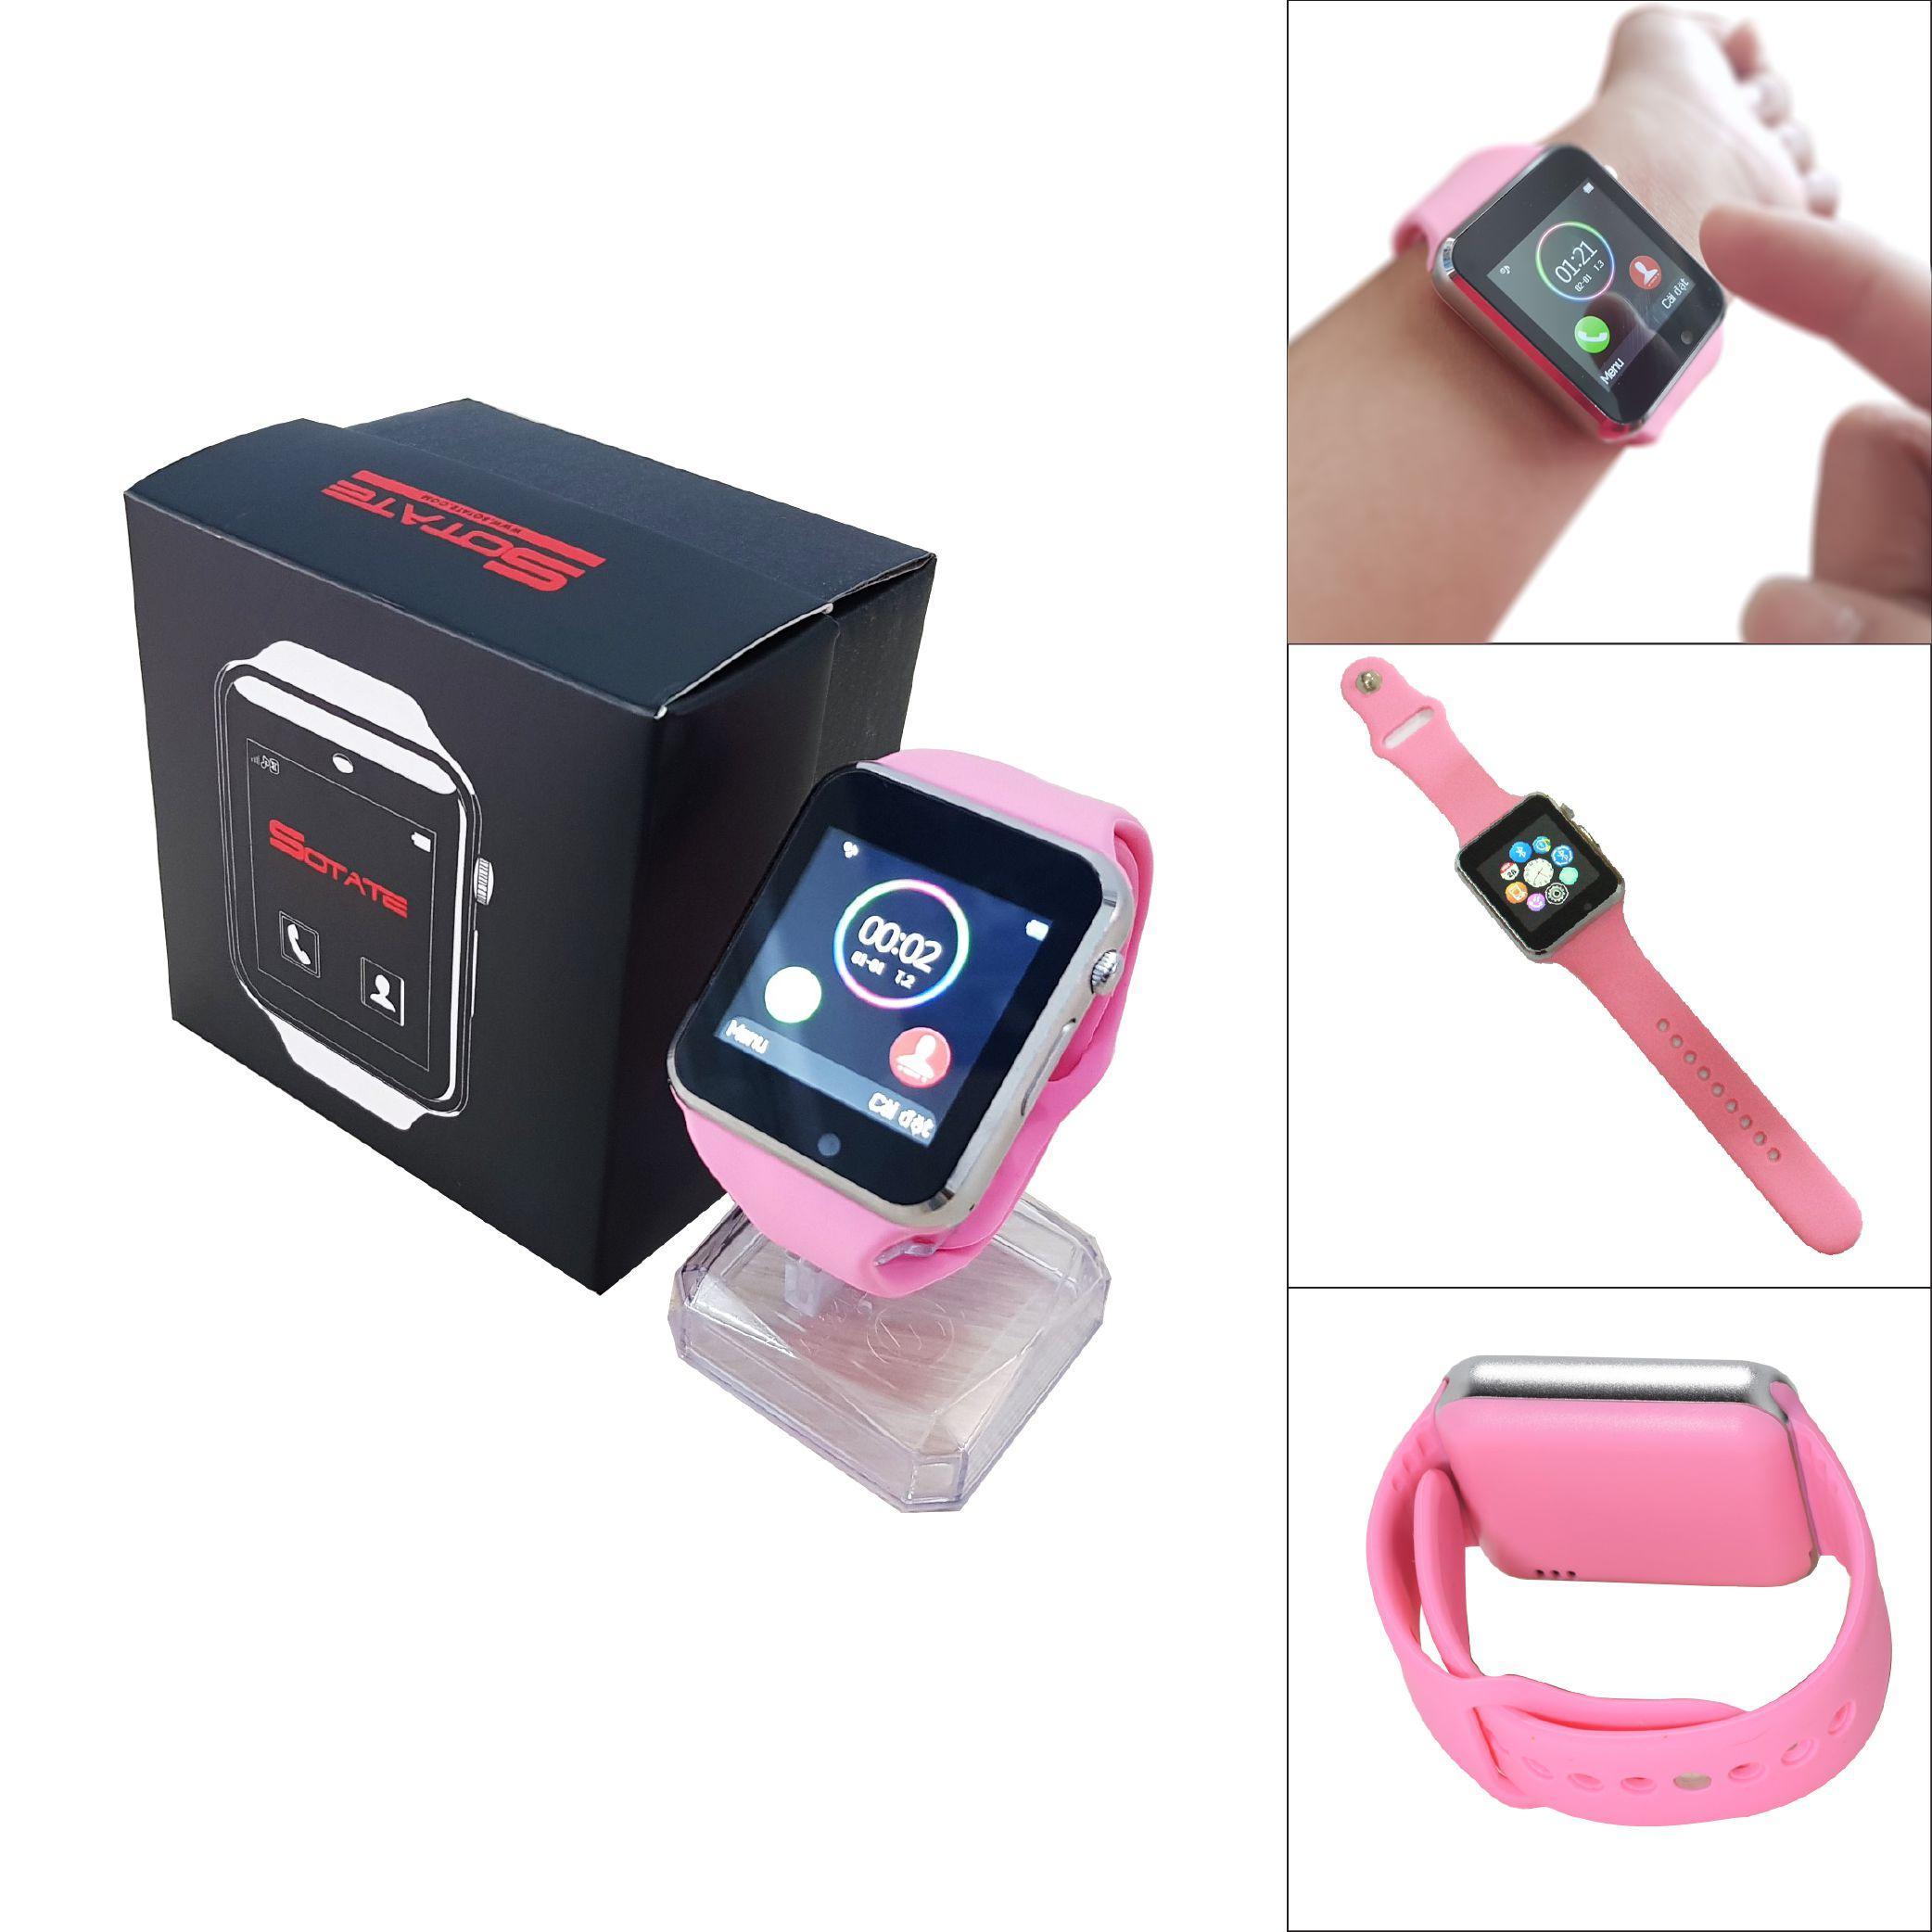 Đồng hồ thông minh điện thoại 2017 (Hồng) + Tặng kèm bút cảm ứng